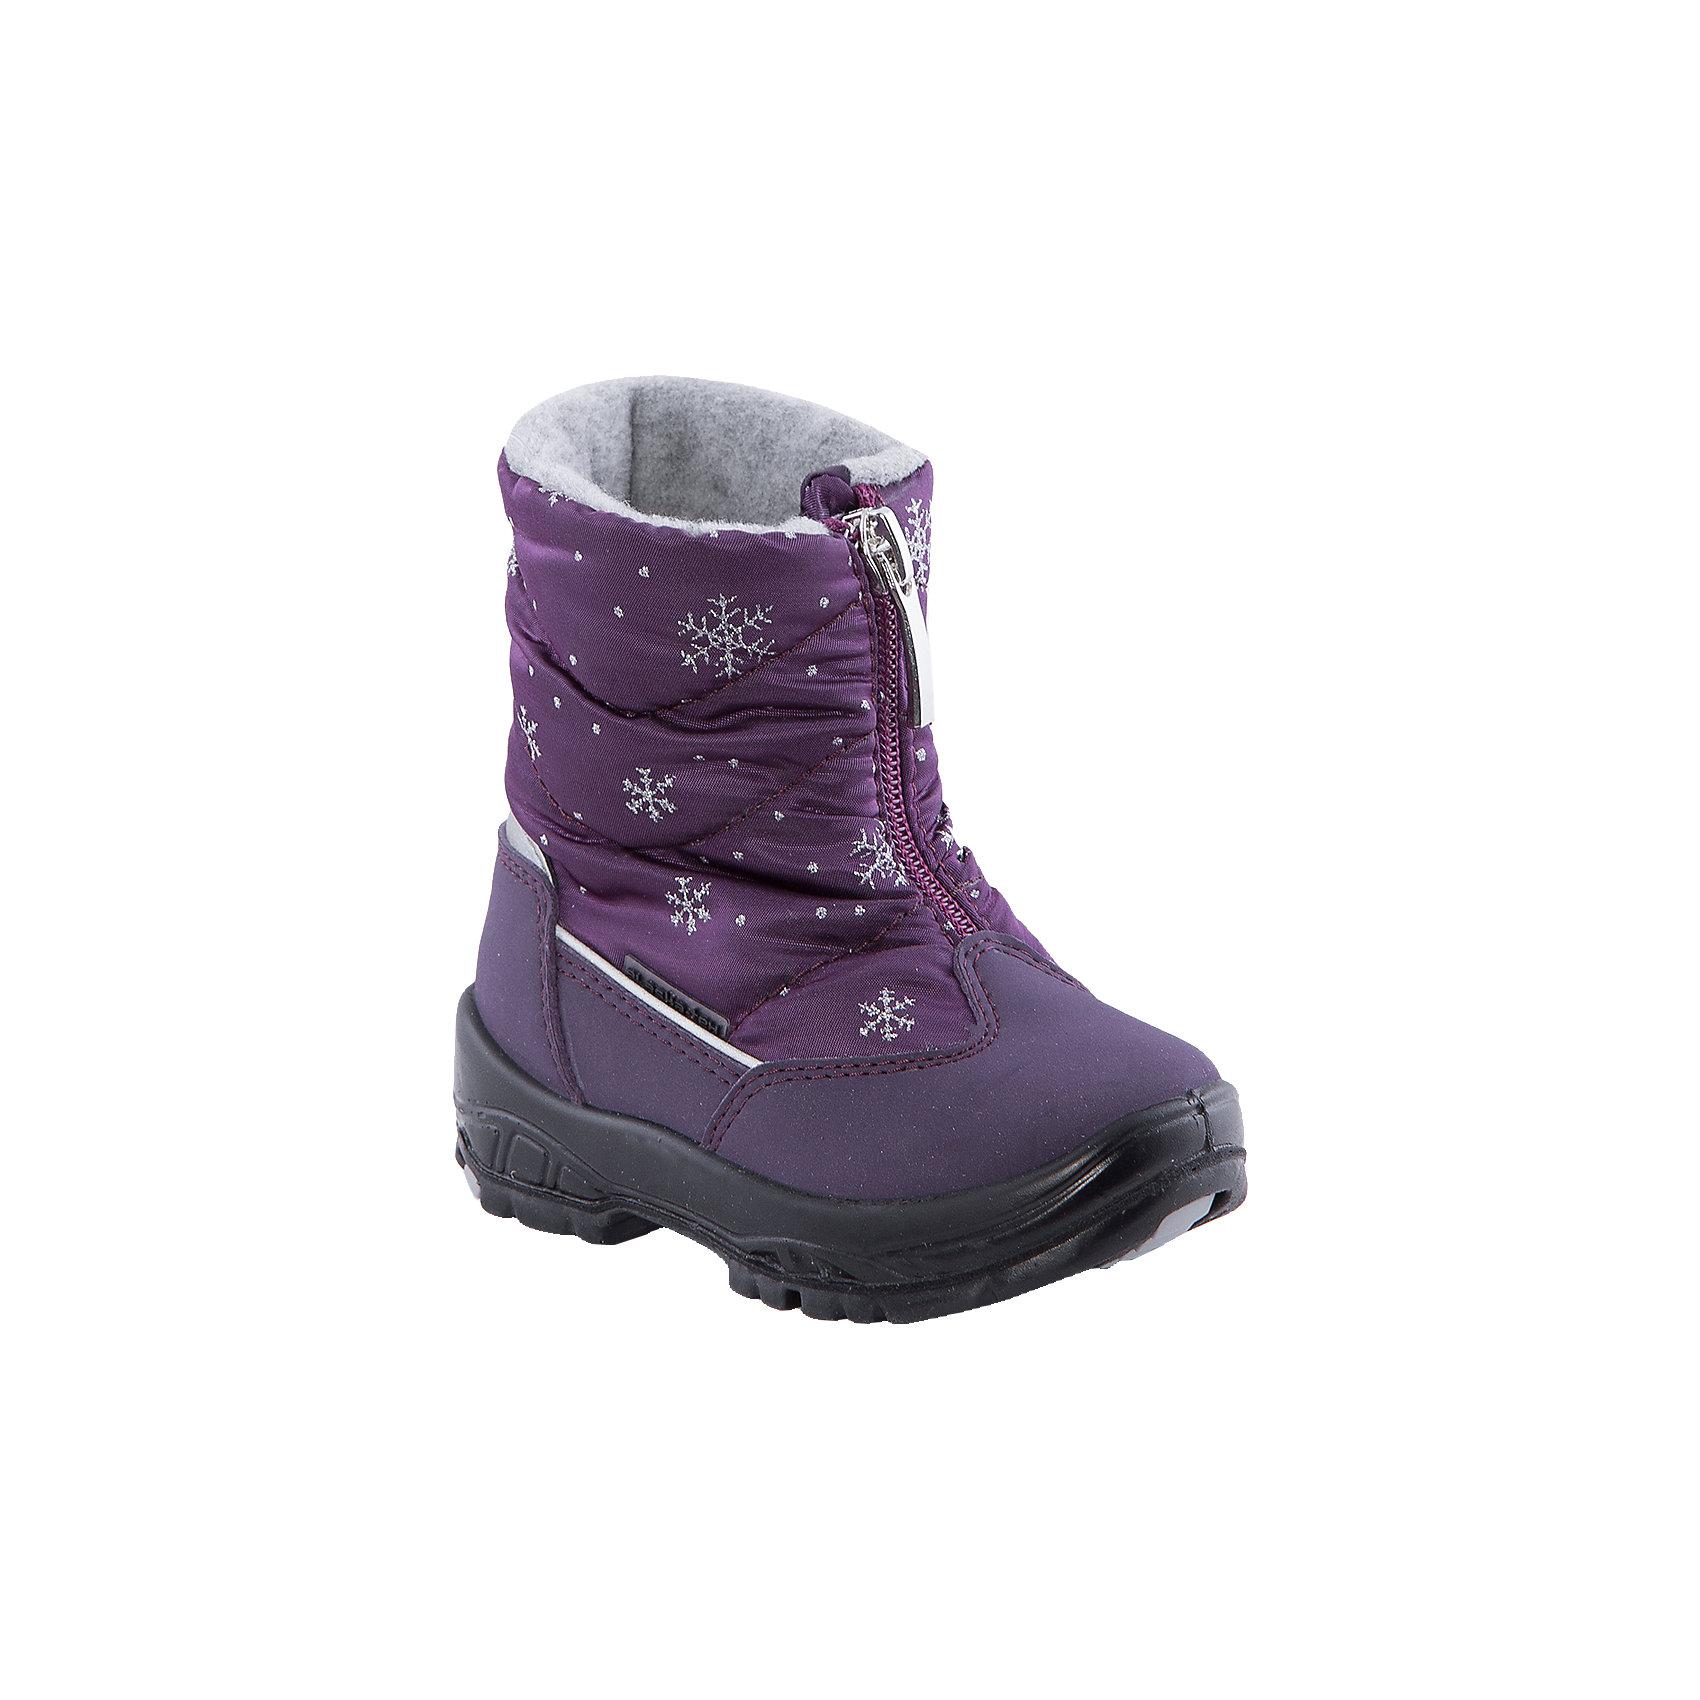 Сапоги  Alaska OriginaleМембранная обувь AlaskaOriginale - это стильная, удобная и высокотехнологичная обувь нового поколения, которая при любой погоде остается сухой и теплой. Полиуретановая литая подошва с системой «ANTISLIDE» обеспечивает превосходное сцепление, высокую устойчивость к деформациям, низким температурами и гарантирует полную водонепроницаемость. Мембрана позволяет стопе «дышать», сохраняя ее сухой. Благодаря всем этим свойствам обувь обеспечивает комфорт при ношении от +5 до -25 градусов.<br><br>Состав: <br>Материалы верха:Текстильные материалы.Подкладка:Шерсть.Подошва:Полиуретан+Термоэластопласт<br><br>Ширина мм: 257<br>Глубина мм: 180<br>Высота мм: 130<br>Вес г: 420<br>Цвет: фиолетовый<br>Возраст от месяцев: 15<br>Возраст до месяцев: 18<br>Пол: Женский<br>Возраст: Детский<br>Размер: 22,20,21,23,24<br>SKU: 4399016